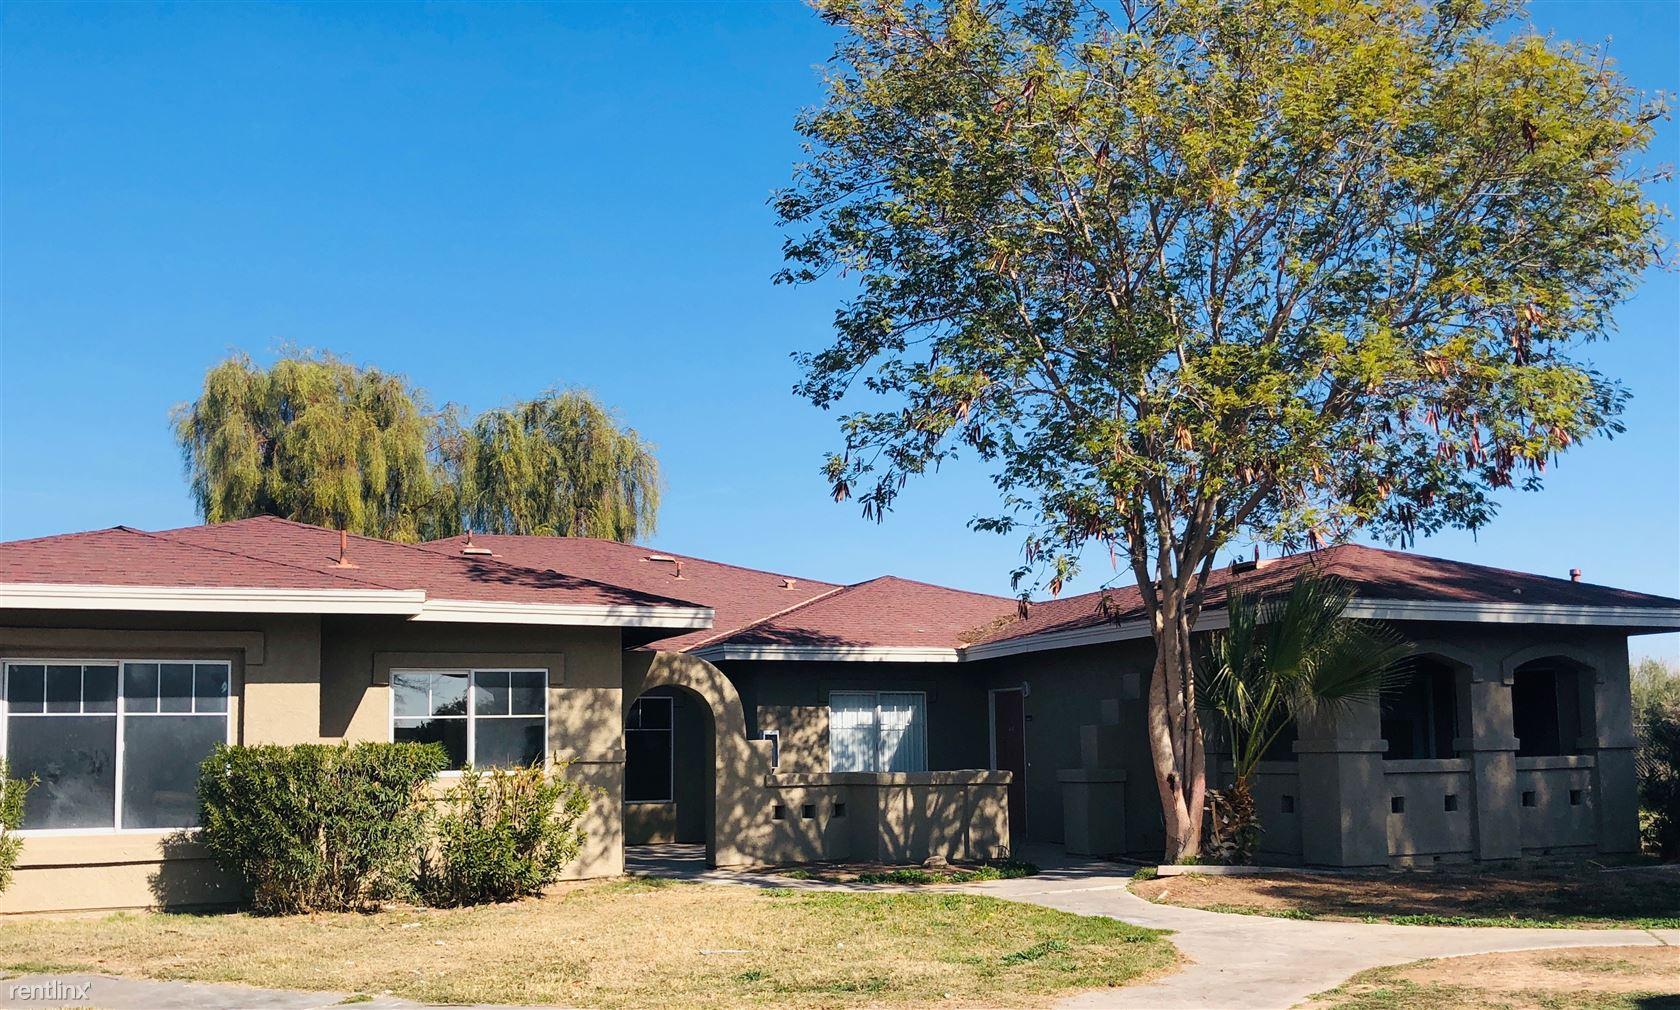 2200 E Donlon St, Blythe, CA - $899